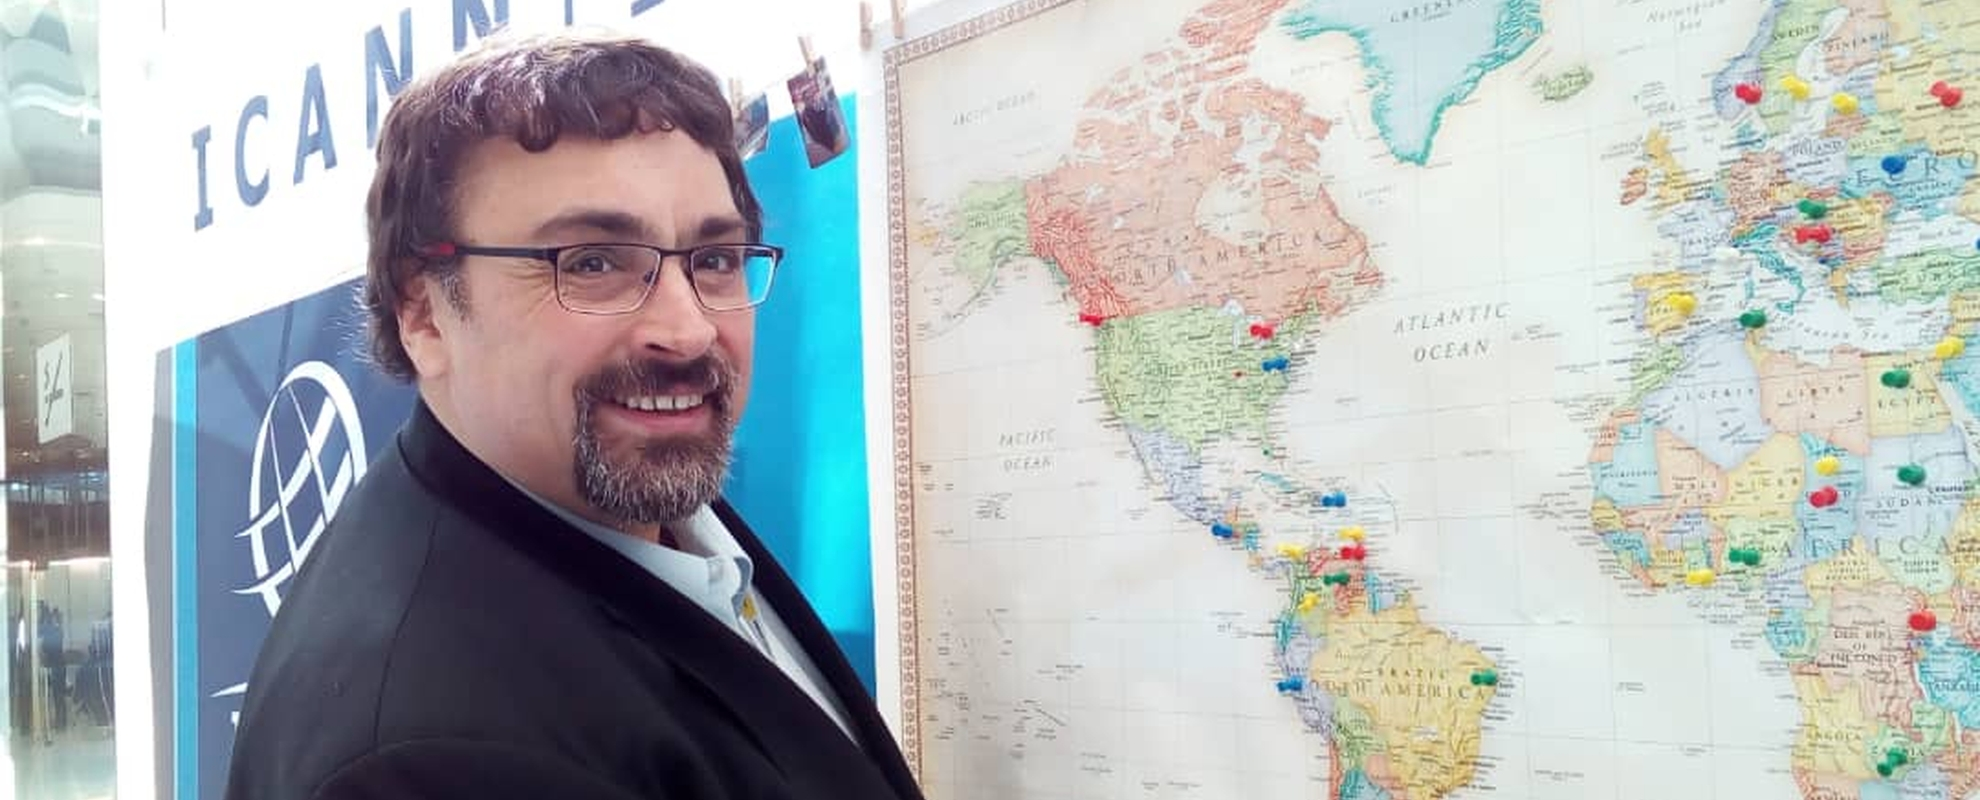 En el día de ayer, en Barcelona, oficialmente asumió como presidente de la región de América latina y el Caribe por el sector de los Usuarios de Internet, un argentino, nuestro compañero Sergio Salinas Porto.